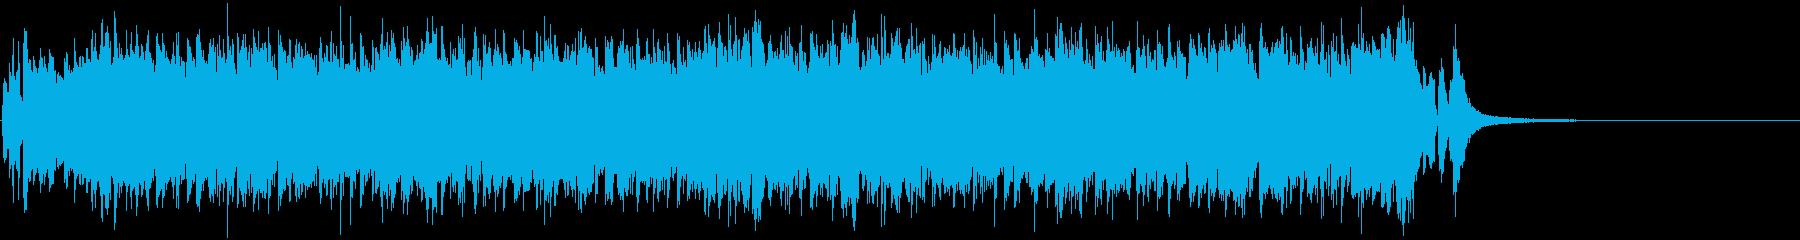 オシャレ・ジャジー・ノリ良いビッグバンドの再生済みの波形